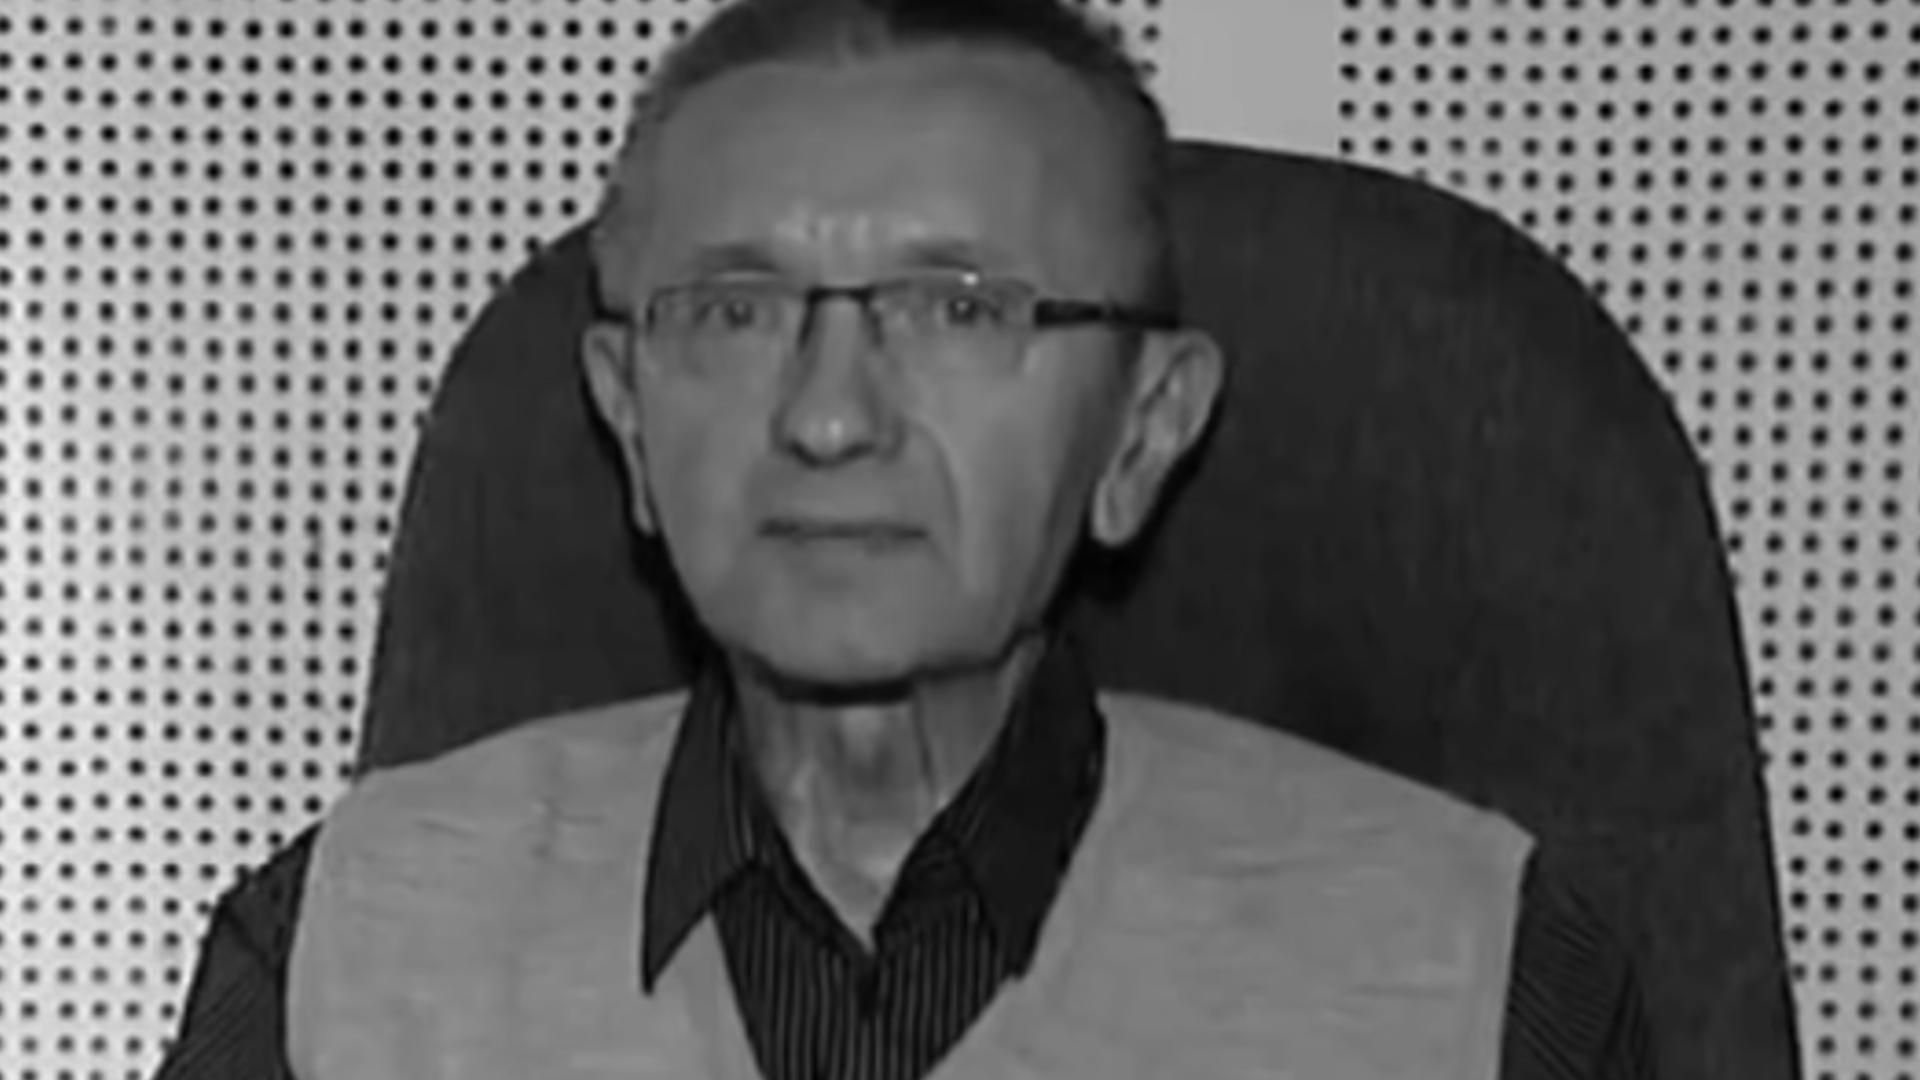 Nie żyje legendarny lektor, Janusz Kozioł